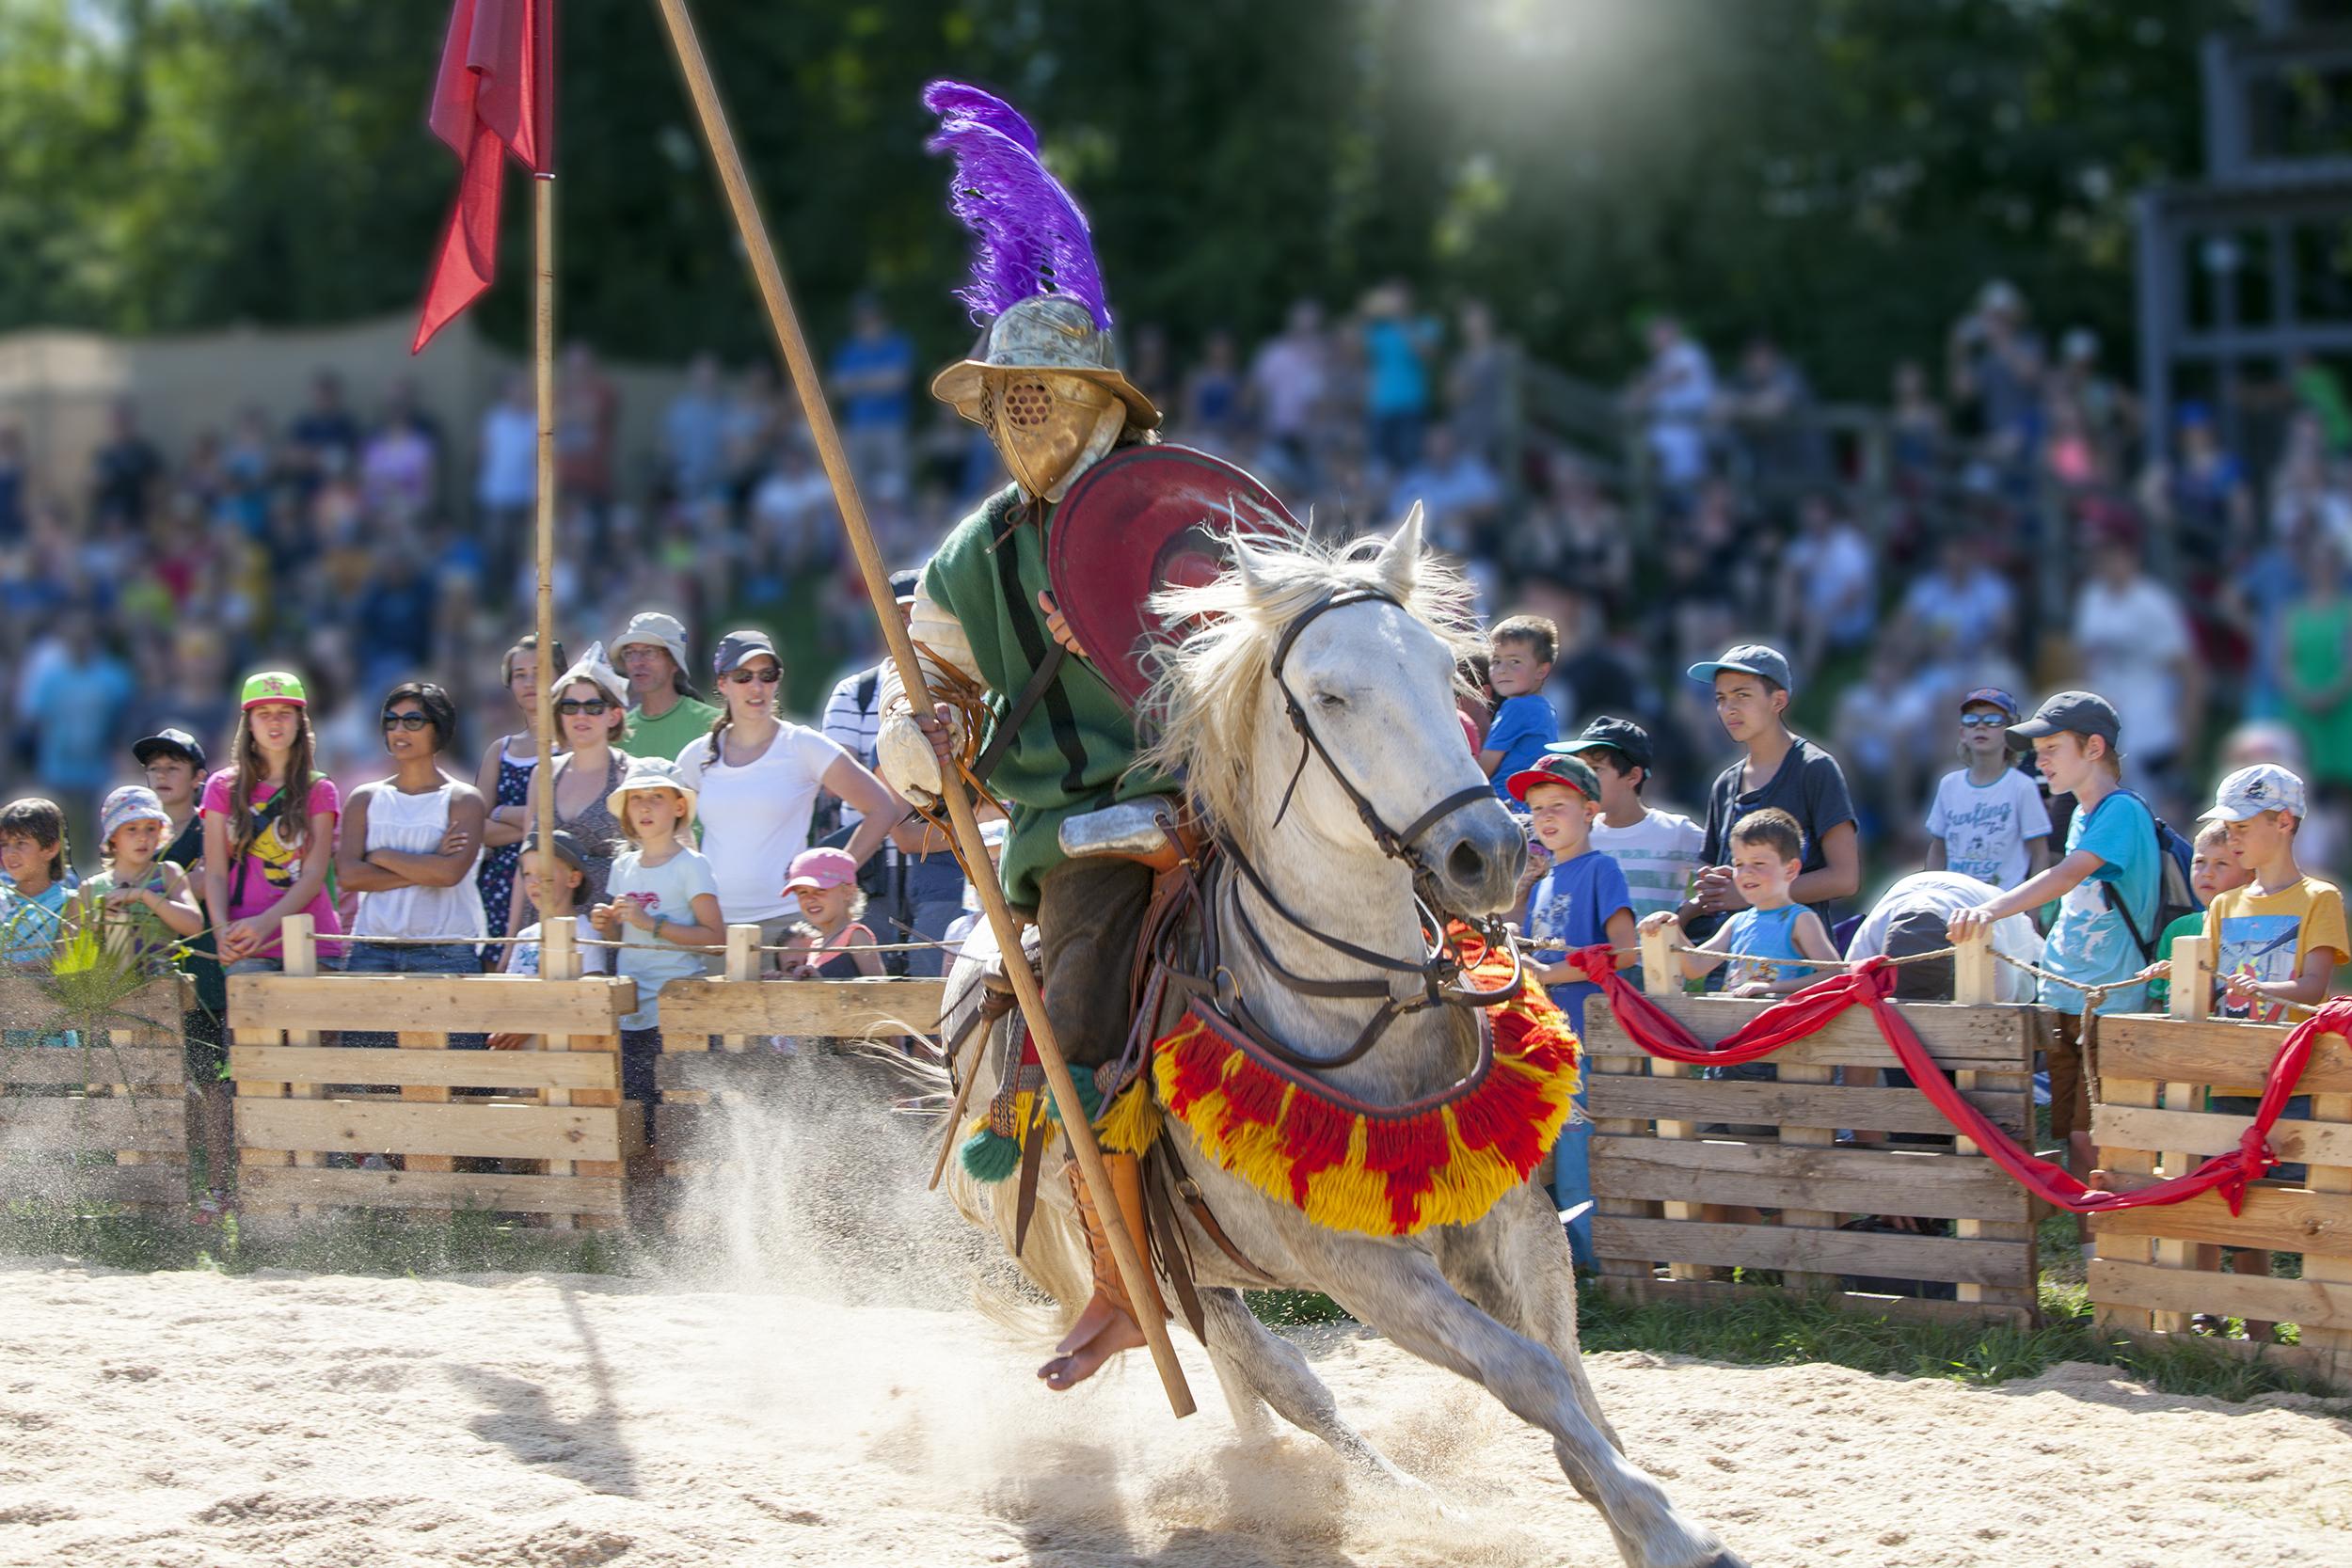 Gladiatorenkampf auf dem Pferd